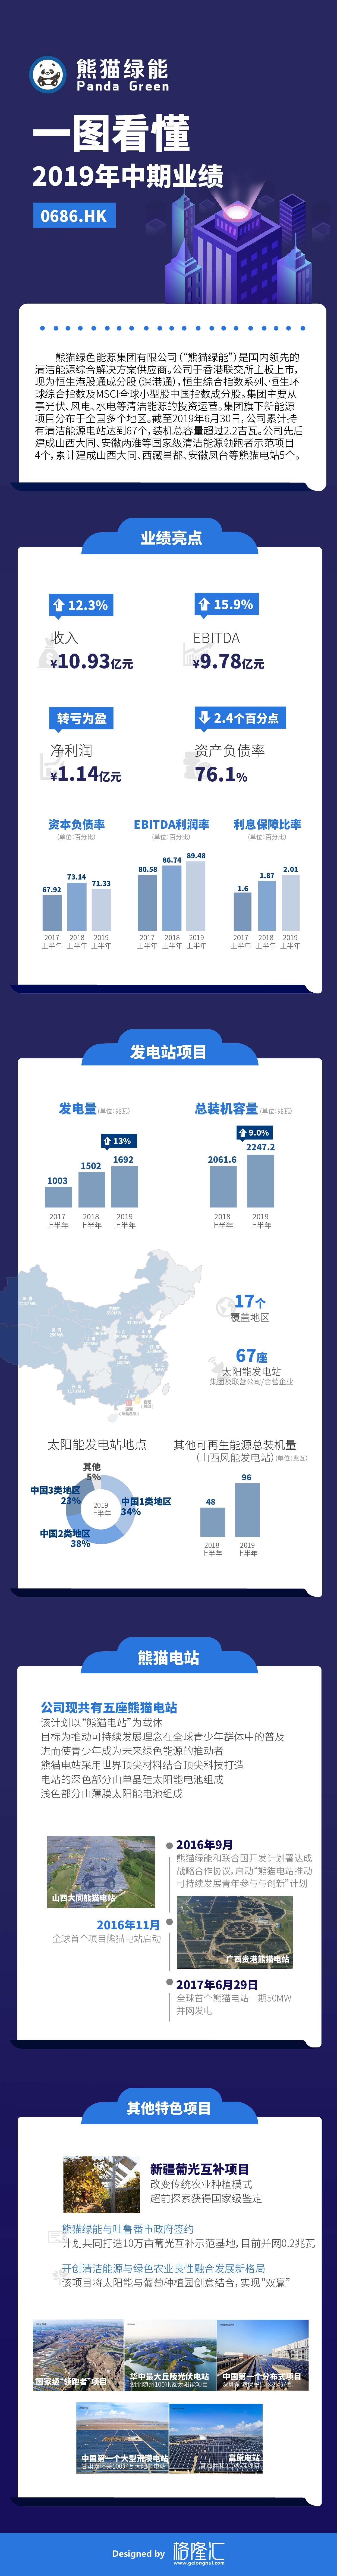 原創            一圖看懂熊貓綠能(00686.HK)2019年中期業績